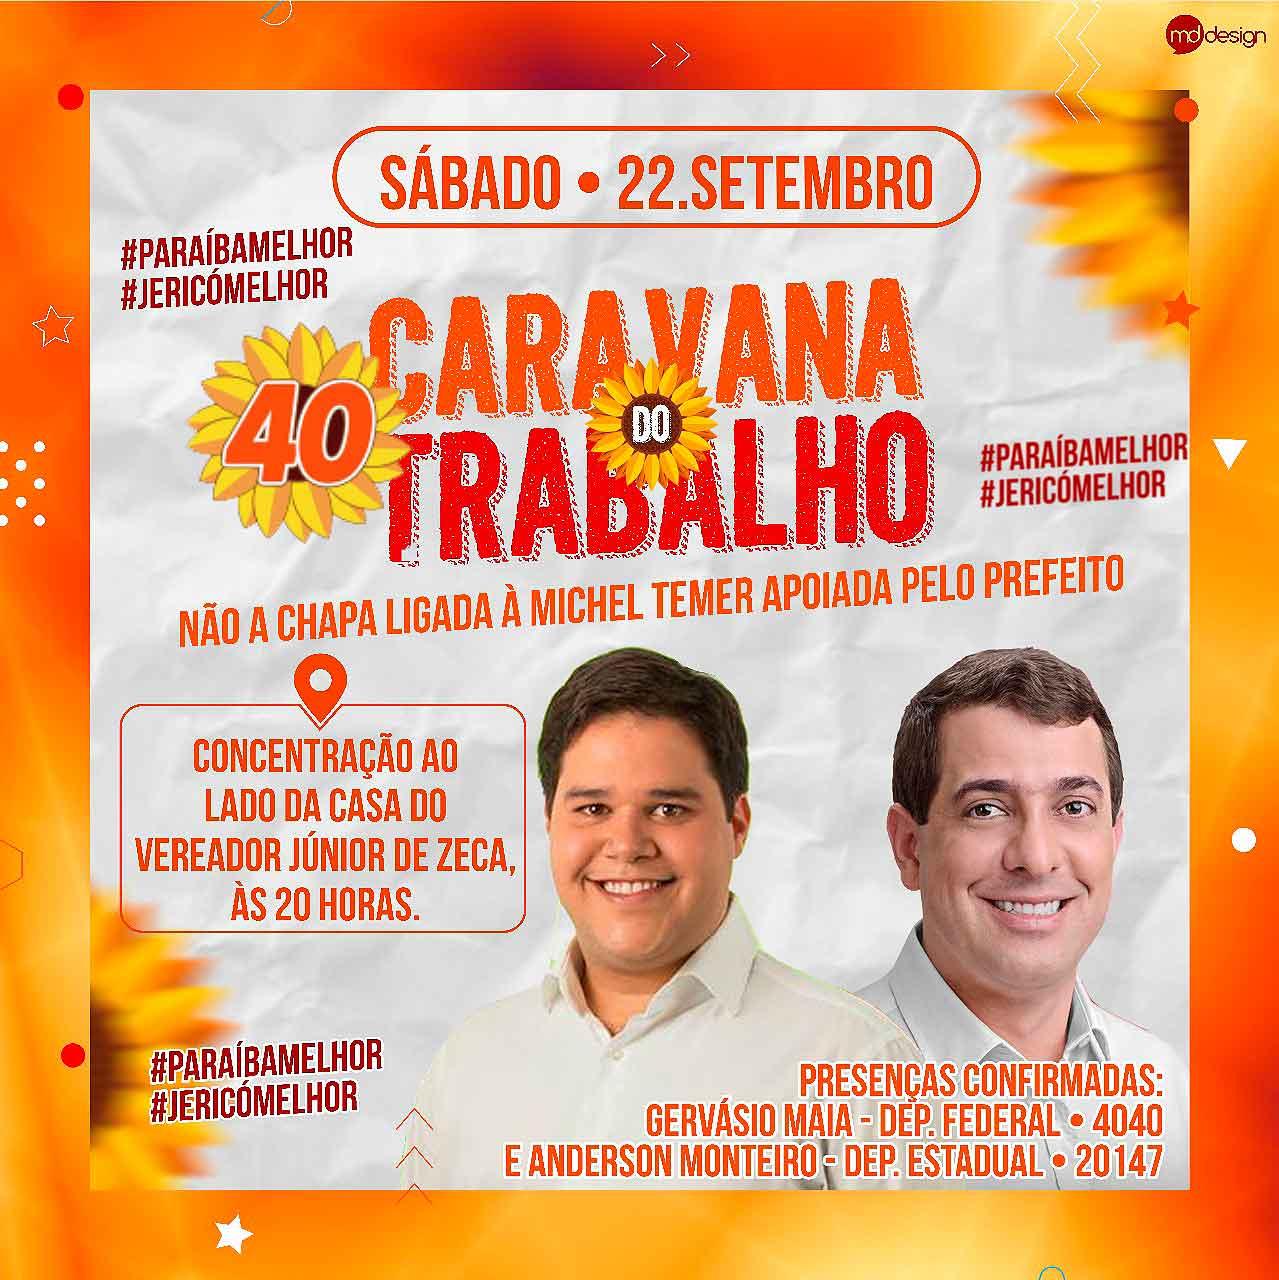 Caravana de Anderson Monteiro e Gervásio Maia em Jericó